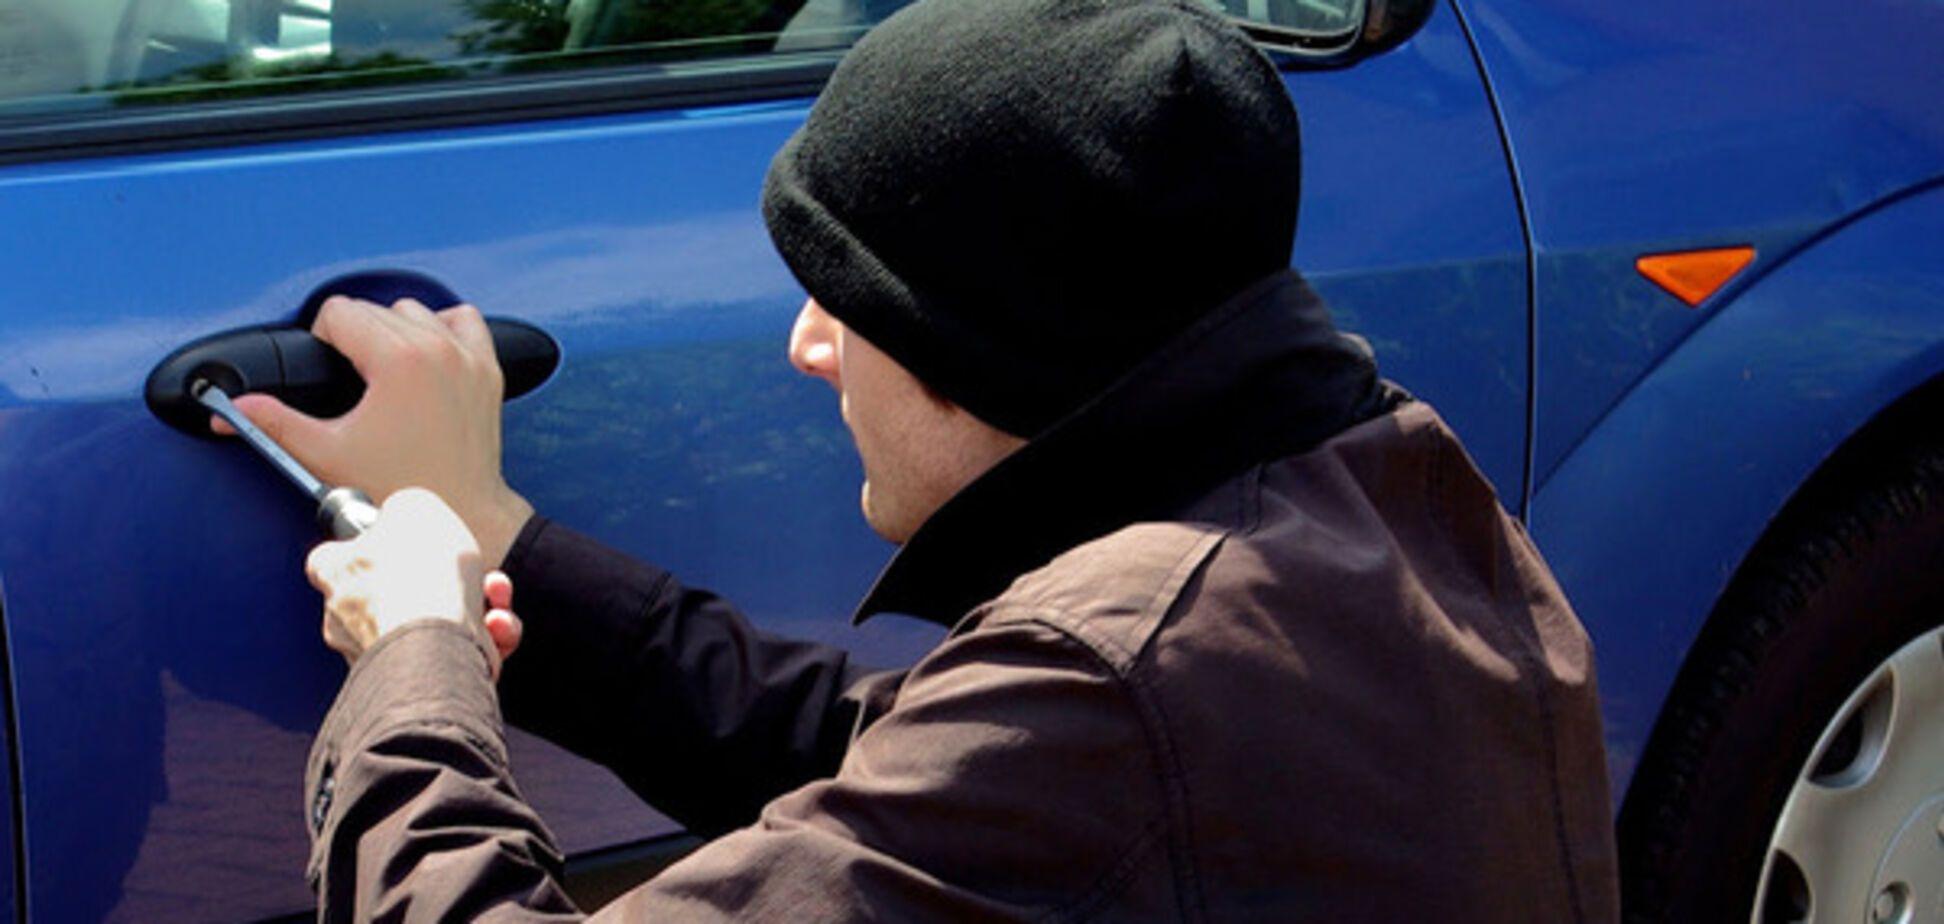 Незаконне заволодіння автотранспортом в Україні: названі найпроблемніші регіони і улюблені марки злочинців